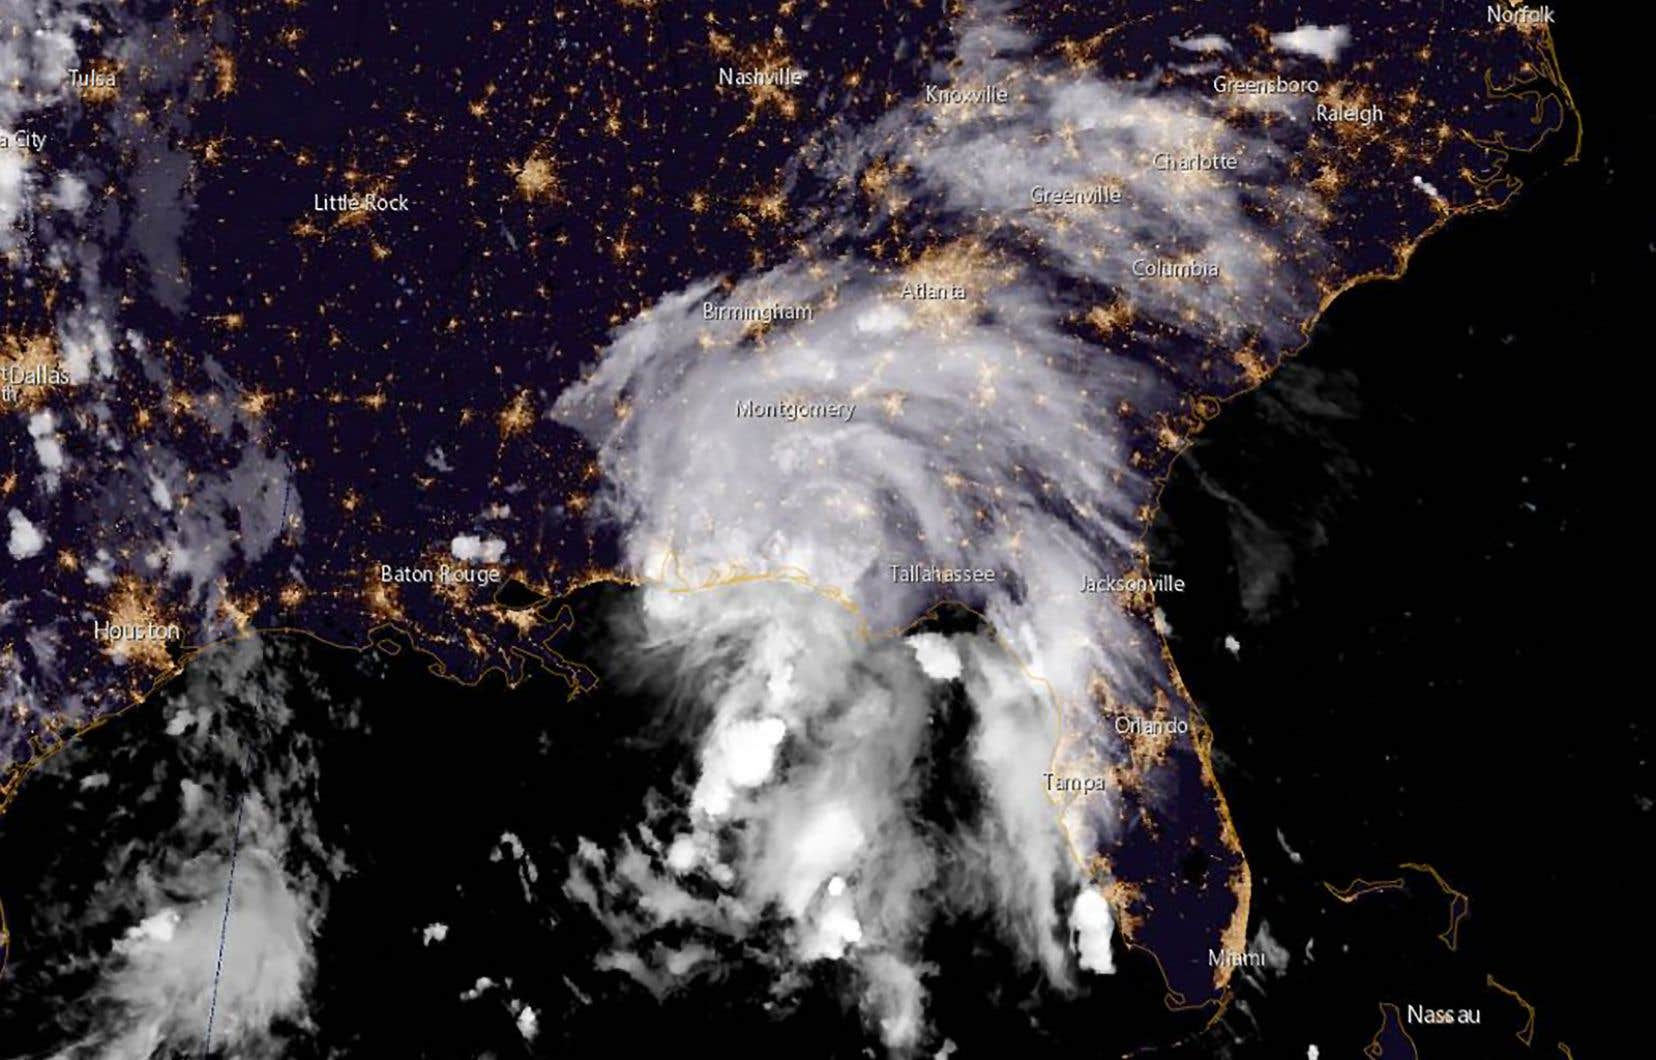 <p>La tempête a touché terre vers la frontière séparant l'Alabama du Mississippi, où l'état d'urgence a été déclaré, et une alerte ouragan restait encore en vigueur.</p>